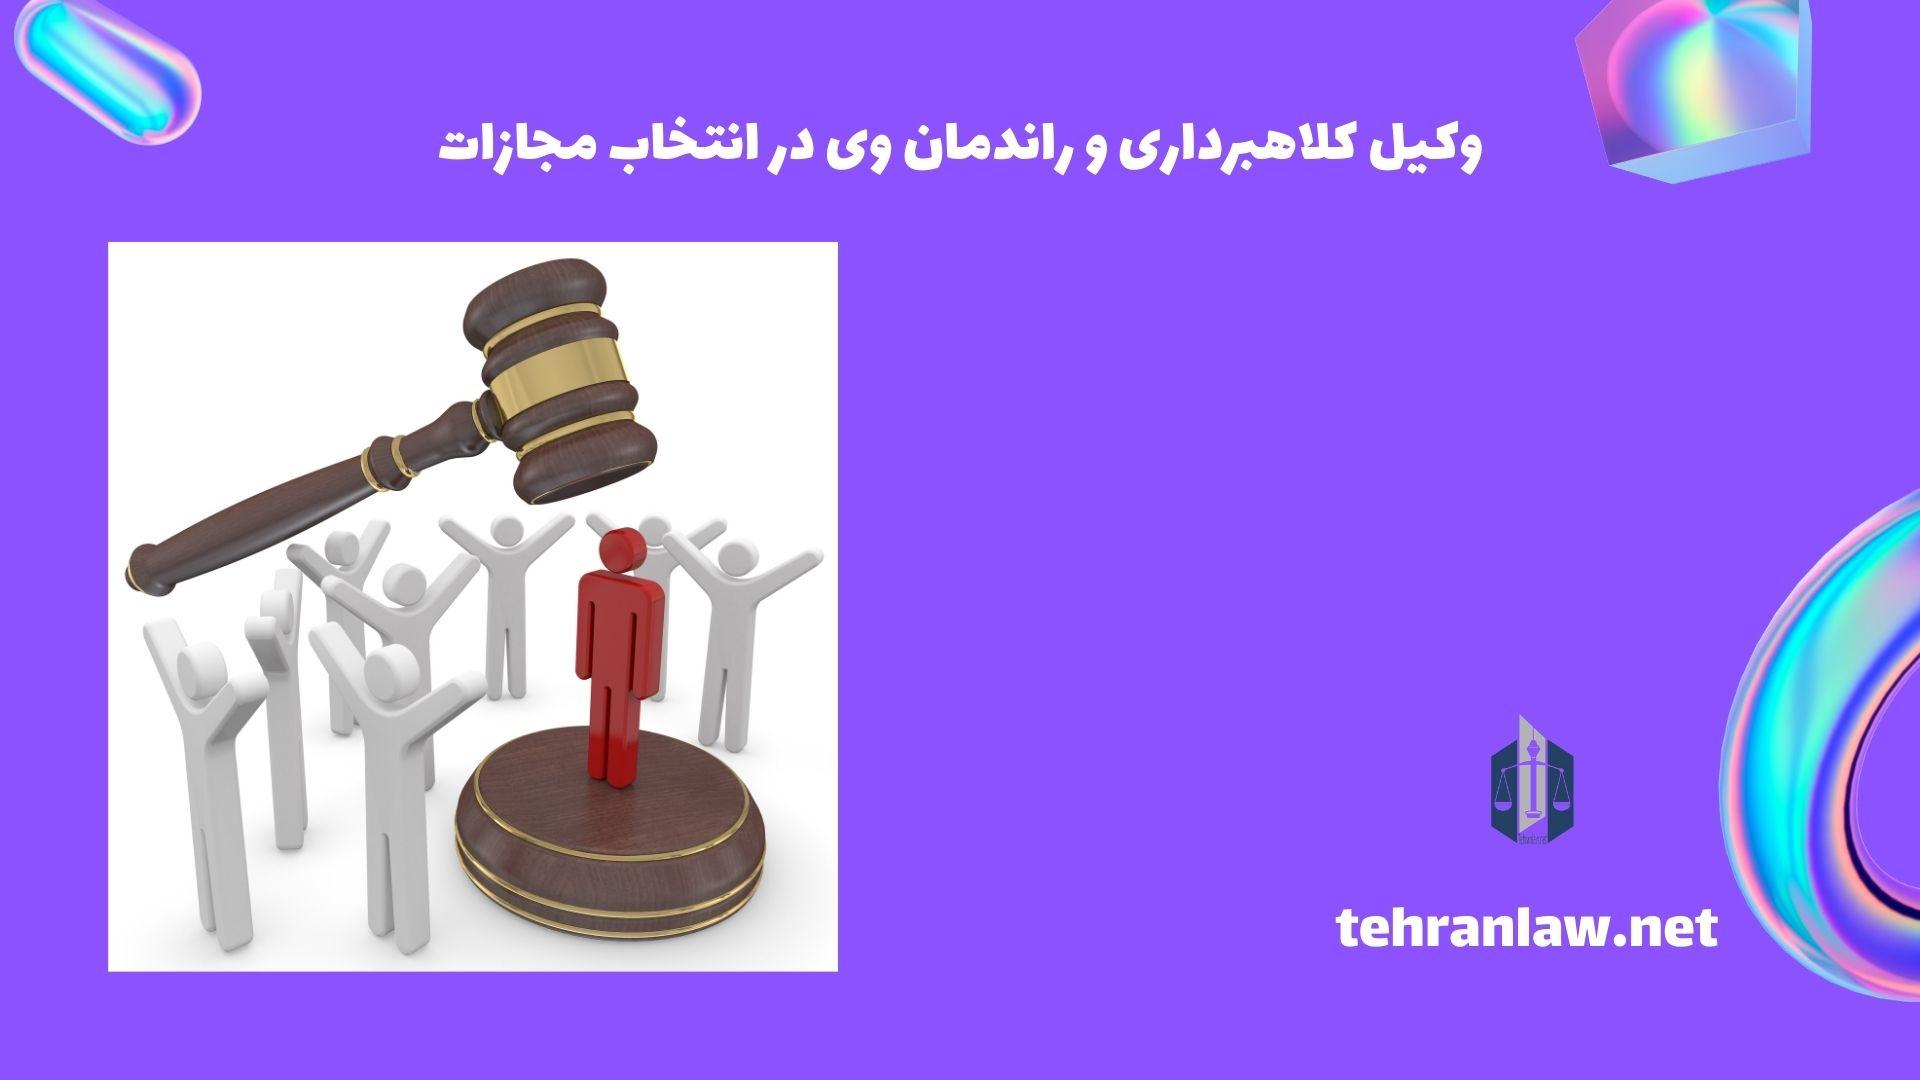 وکیل کلاهبرداری و راندمان وی در انتخاب مجازات